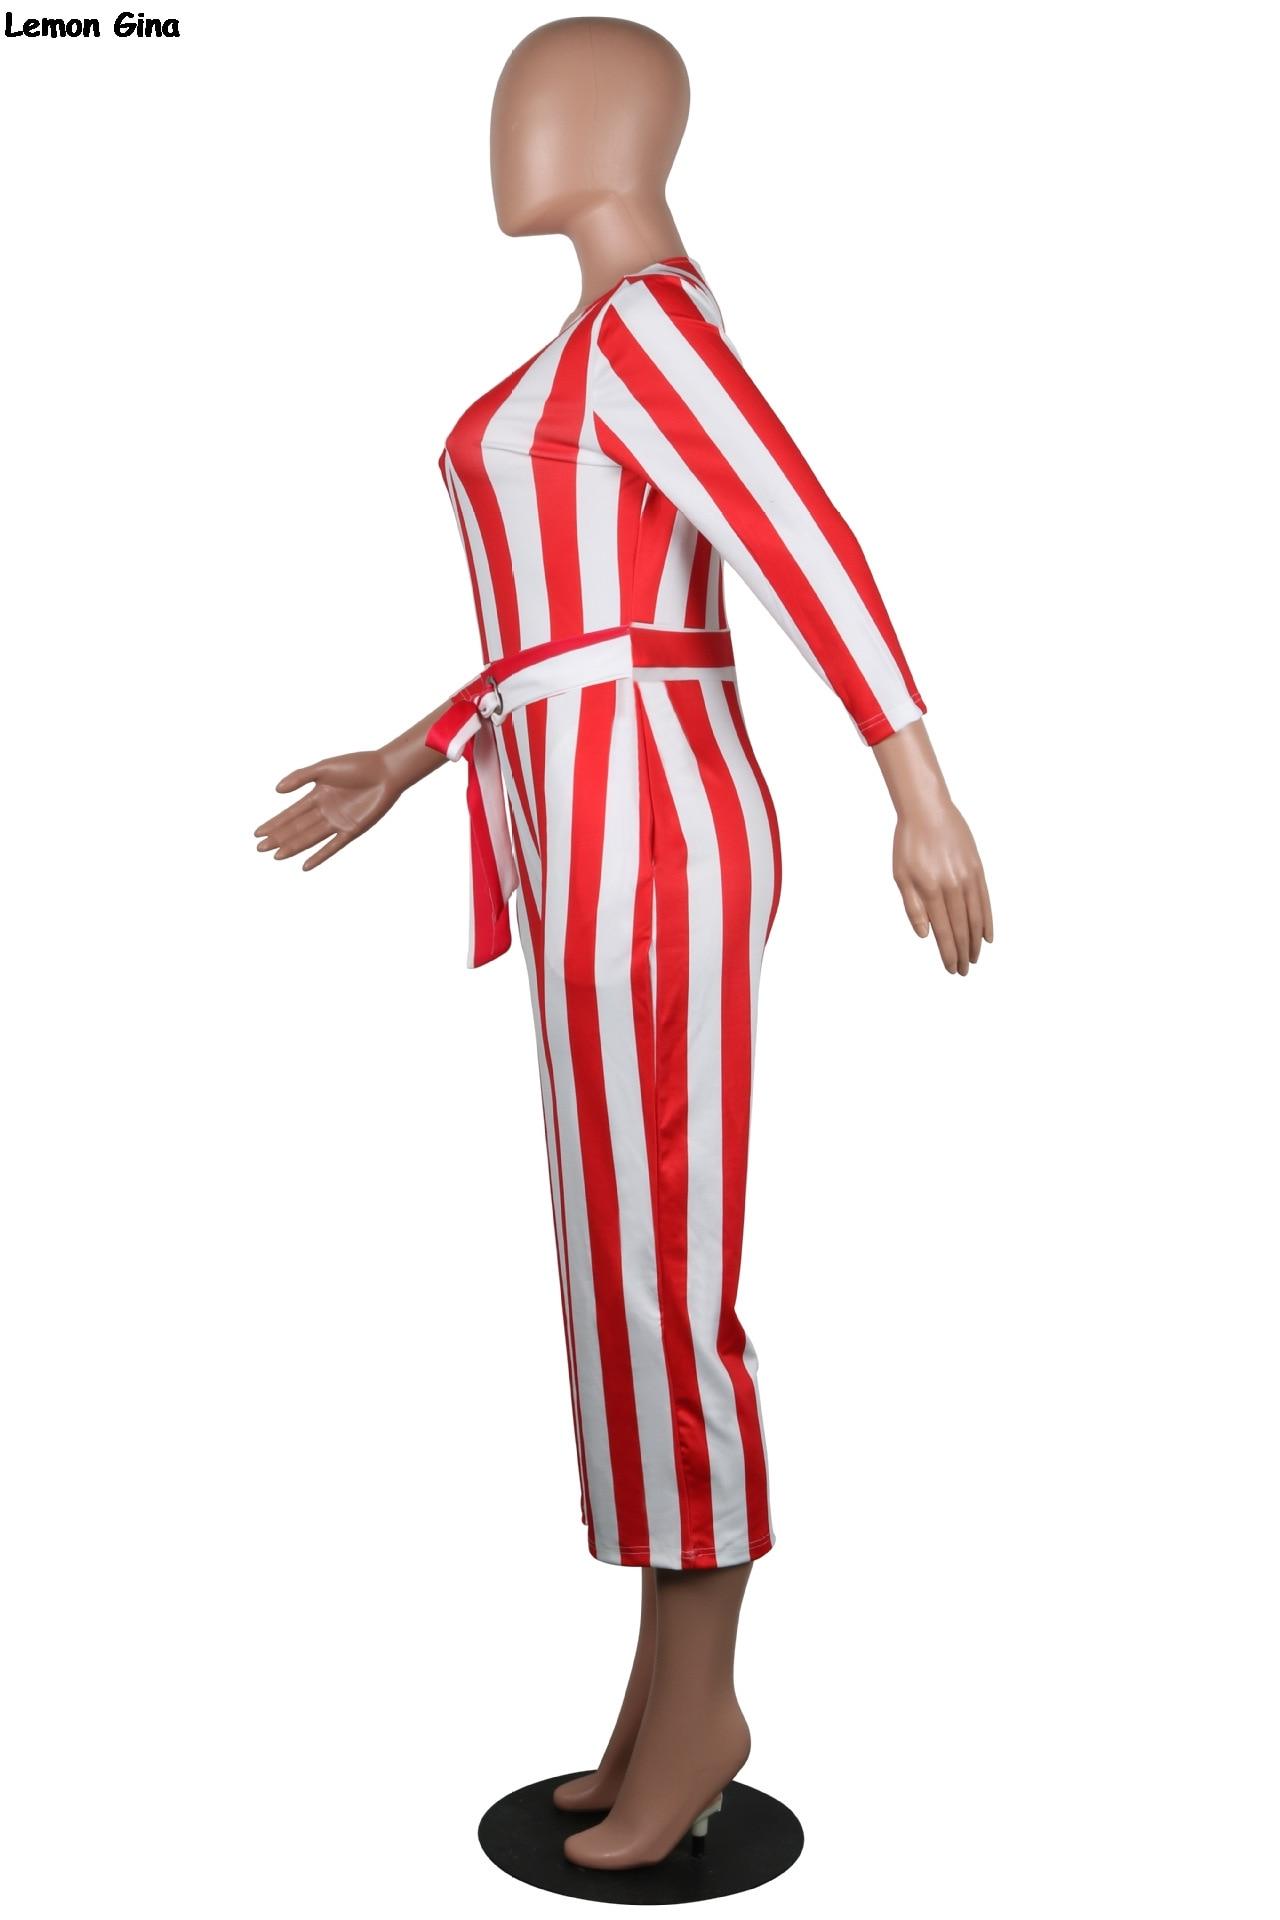 Ceintures Droite Blanc O Rayures Rouge Longues Combinaisons Taille À Manches cou A8267 Barboteuses Haute Pantalon Moulante Tenues Capris Hiver Yqpv7wq